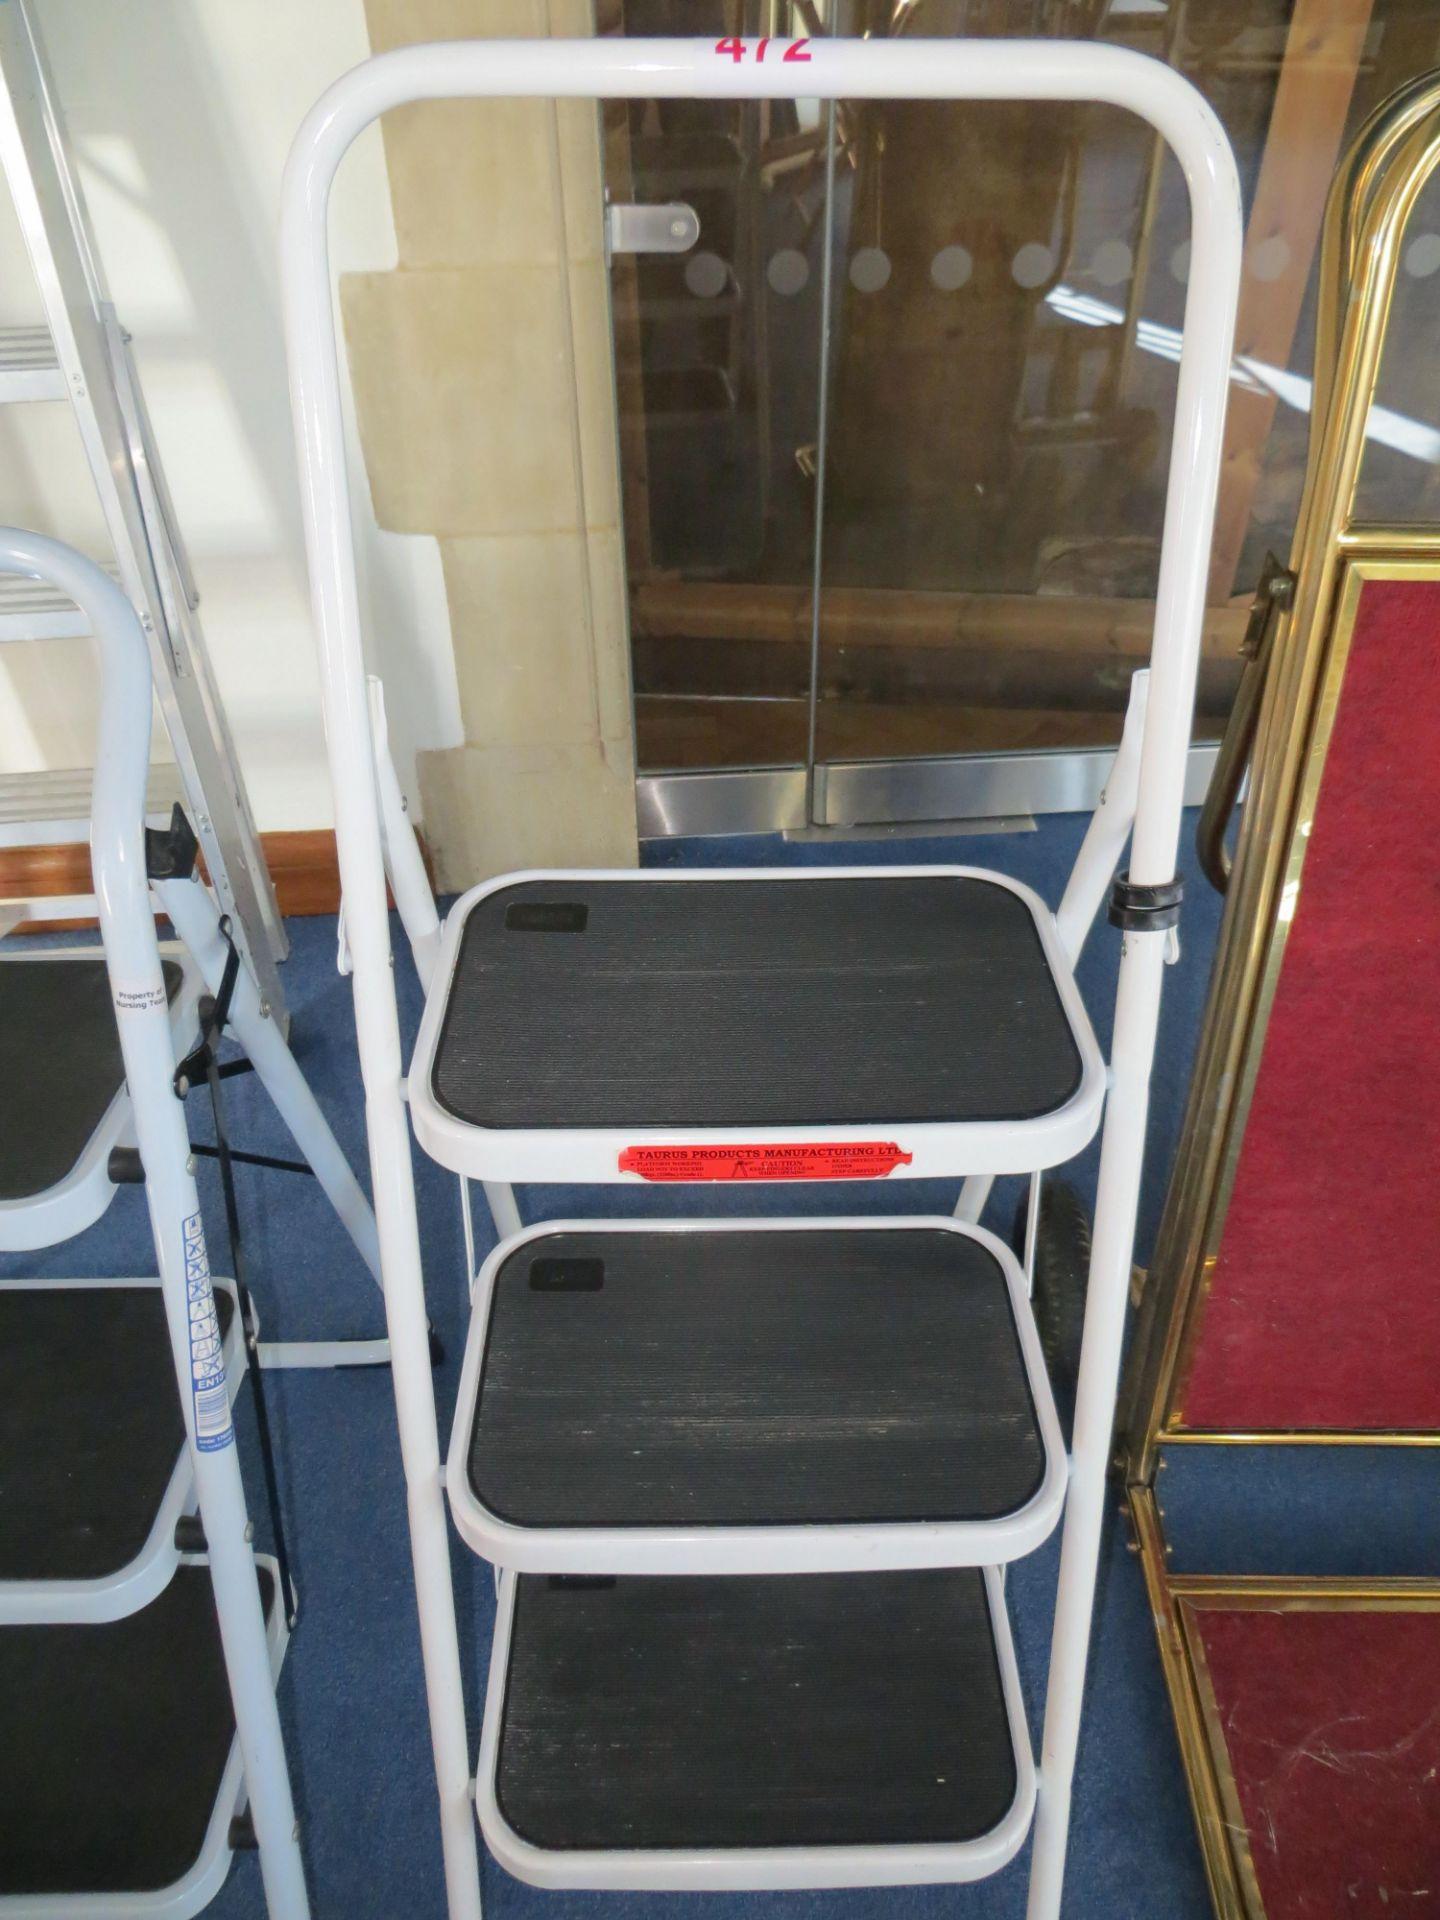 Lot 472 - Three tread folding steps